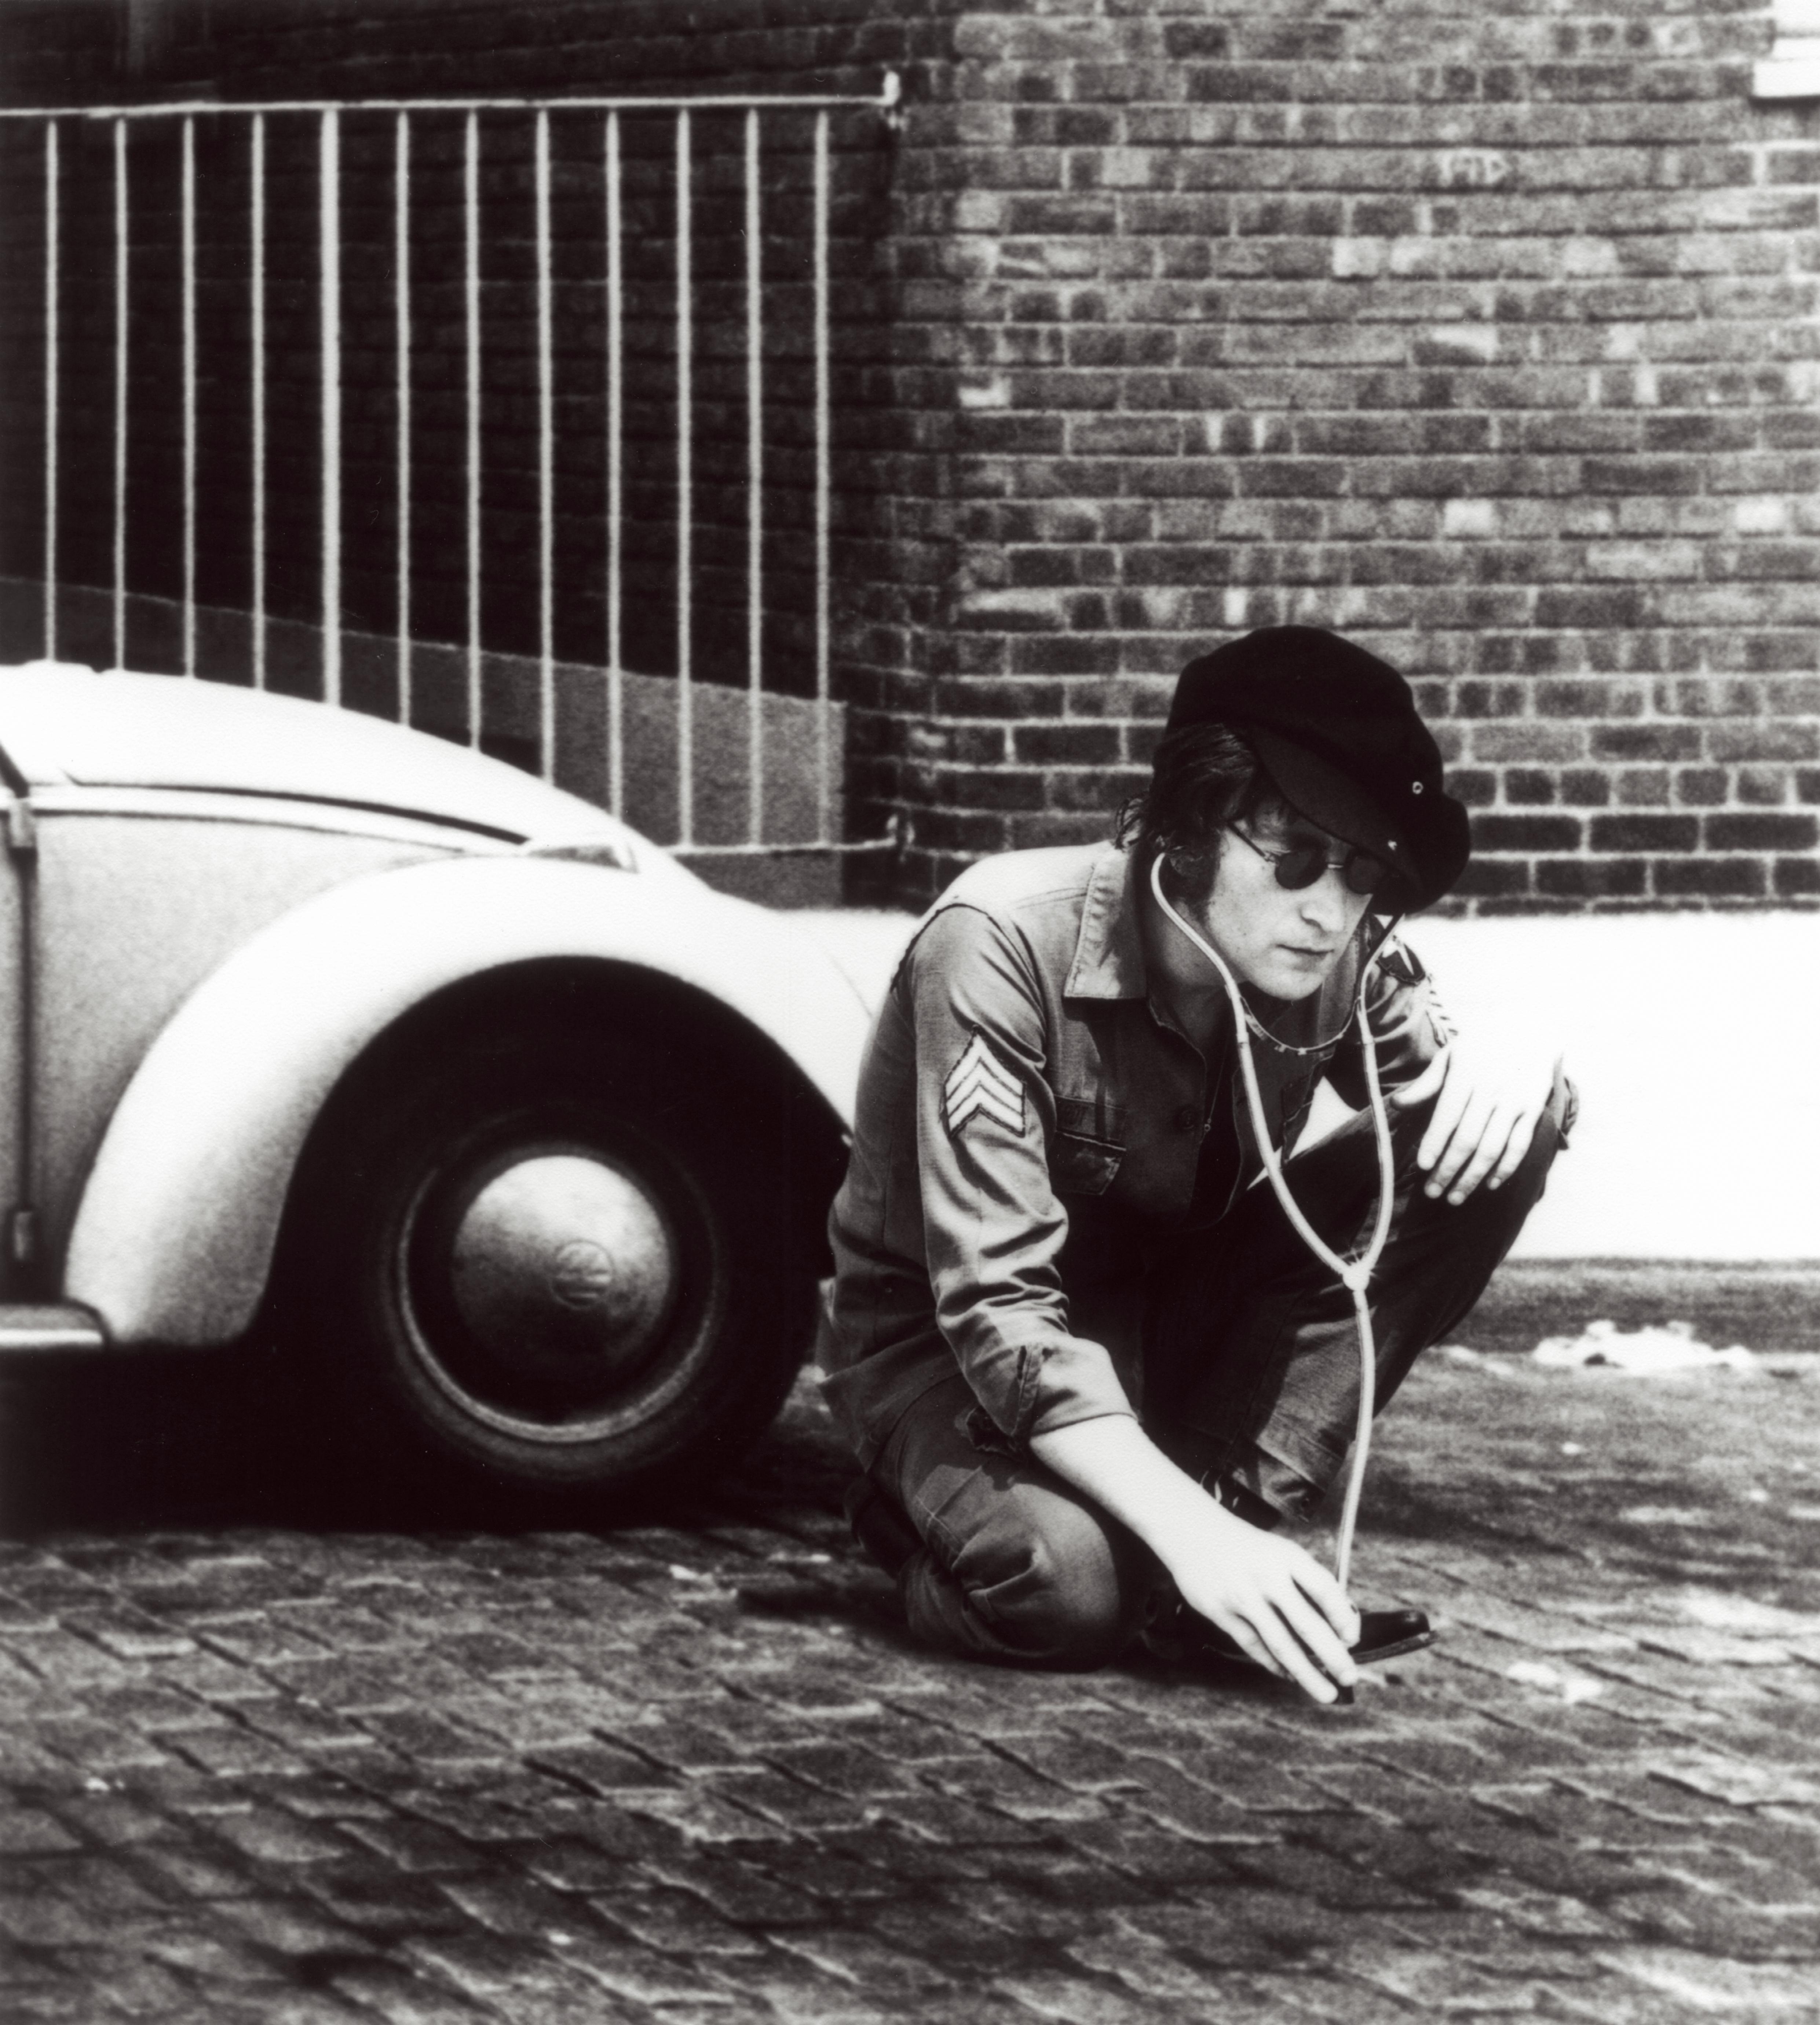 http://g-ec2.images-amazon.com/images/G/01/music/John_Lennon_5.jpg